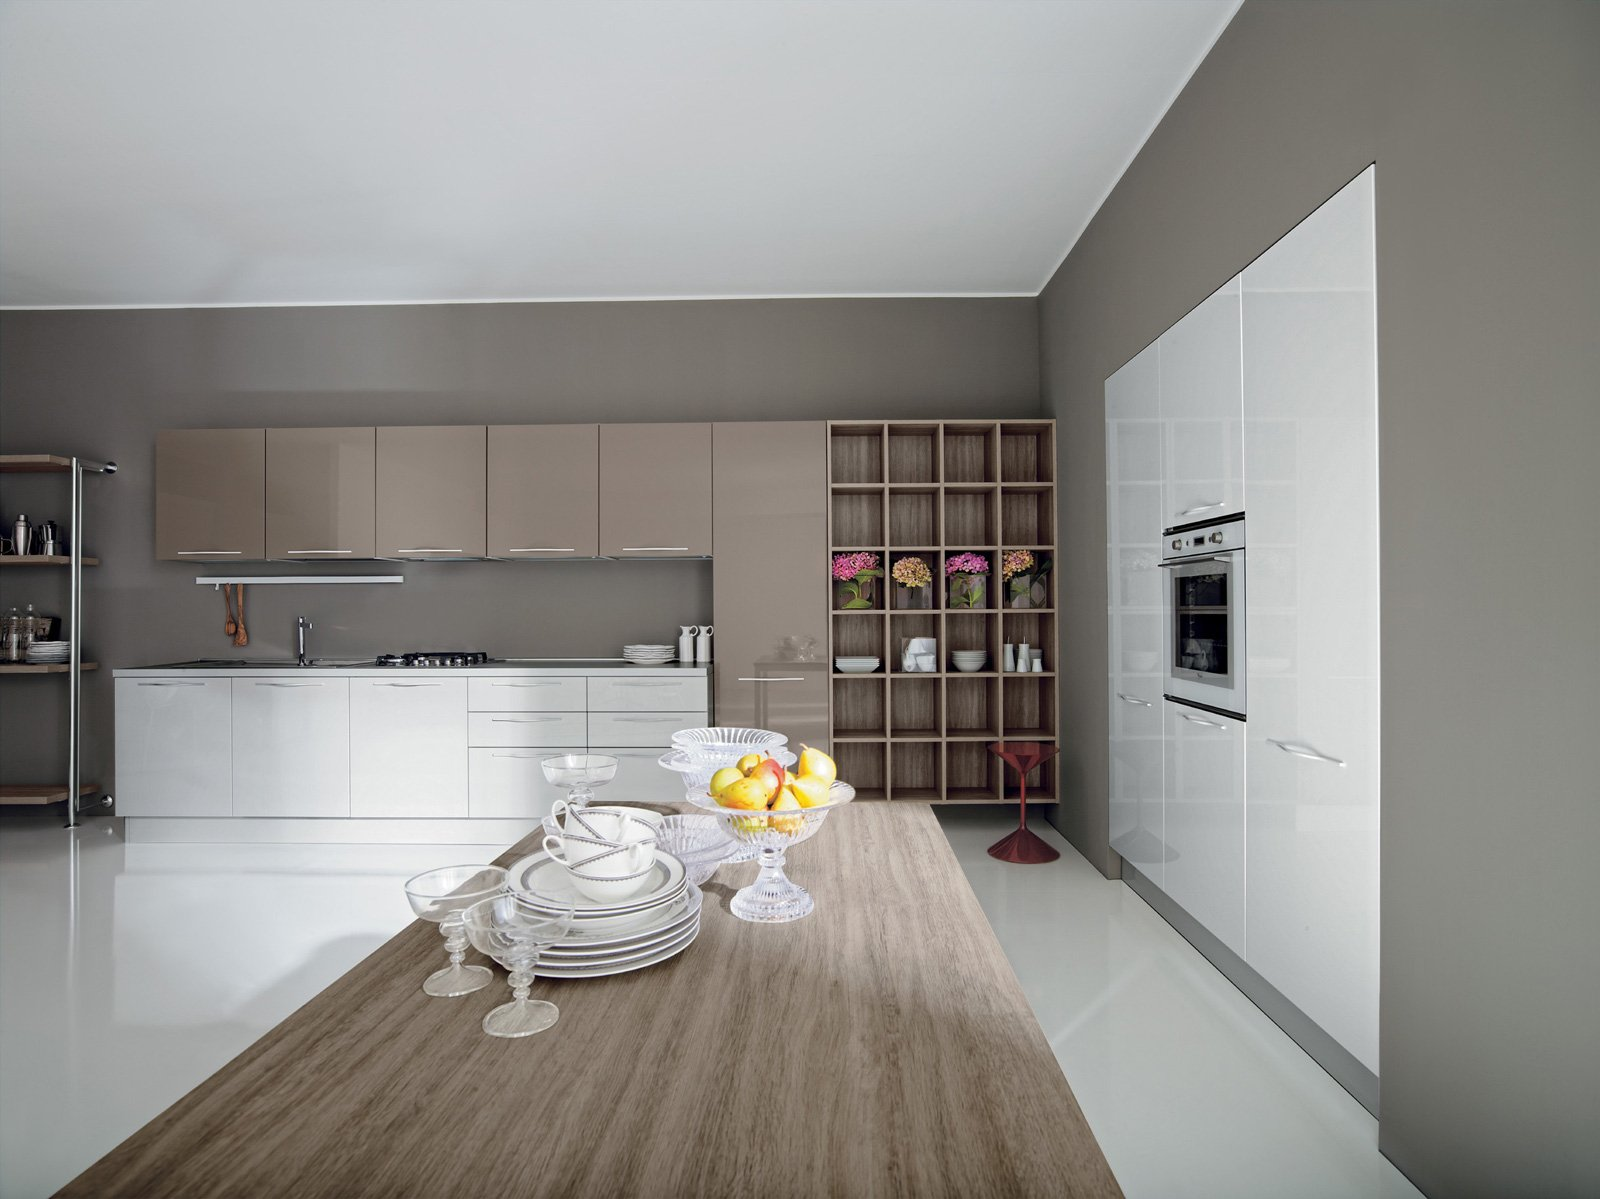 Forum cucina da 15 m quadri ma infelice da ristrutturare - Aran cucine forum ...